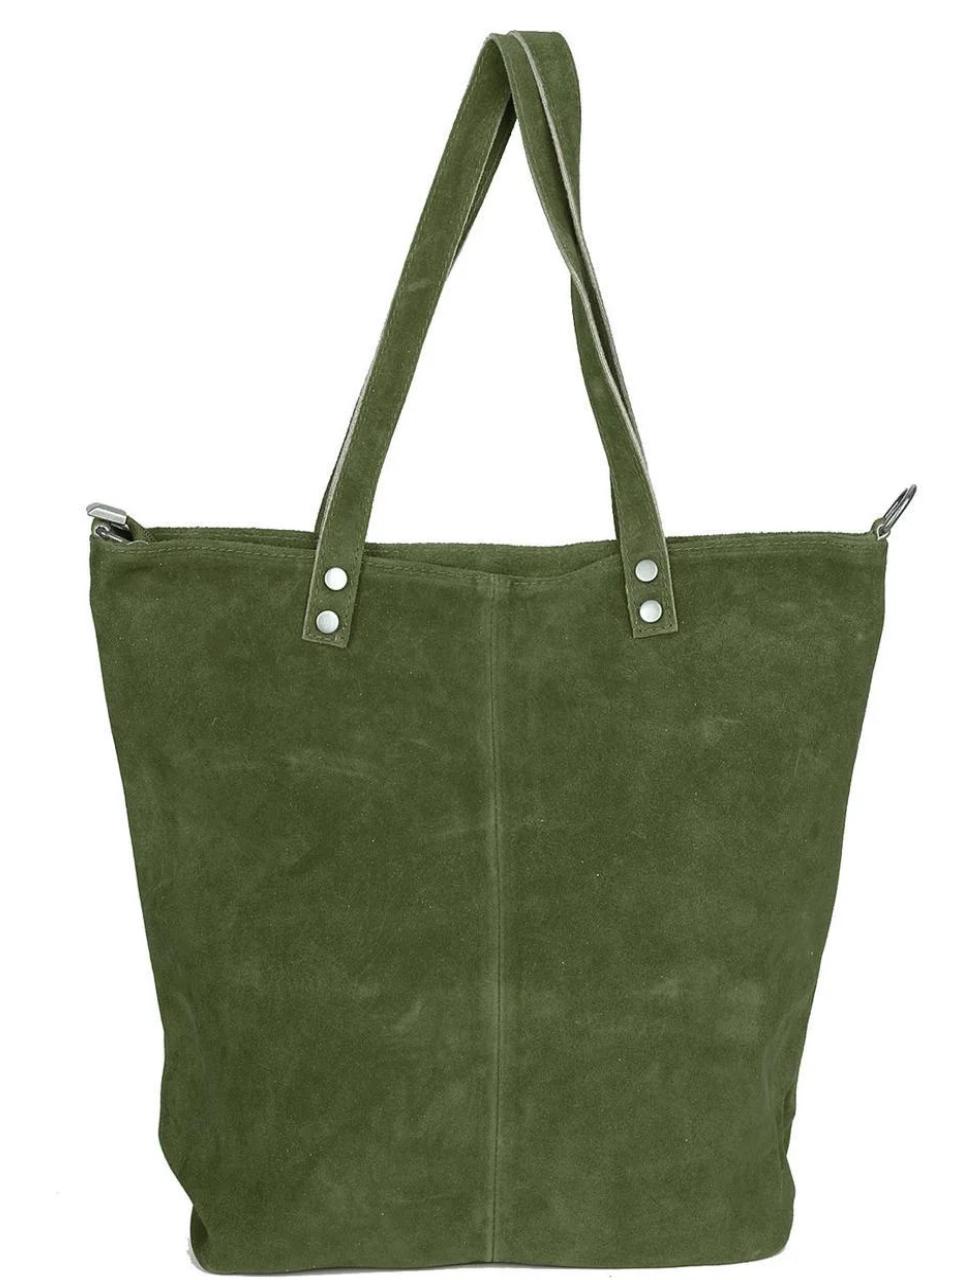 Женская итальянская натуральная кожаная сумка хаки 40х36х13